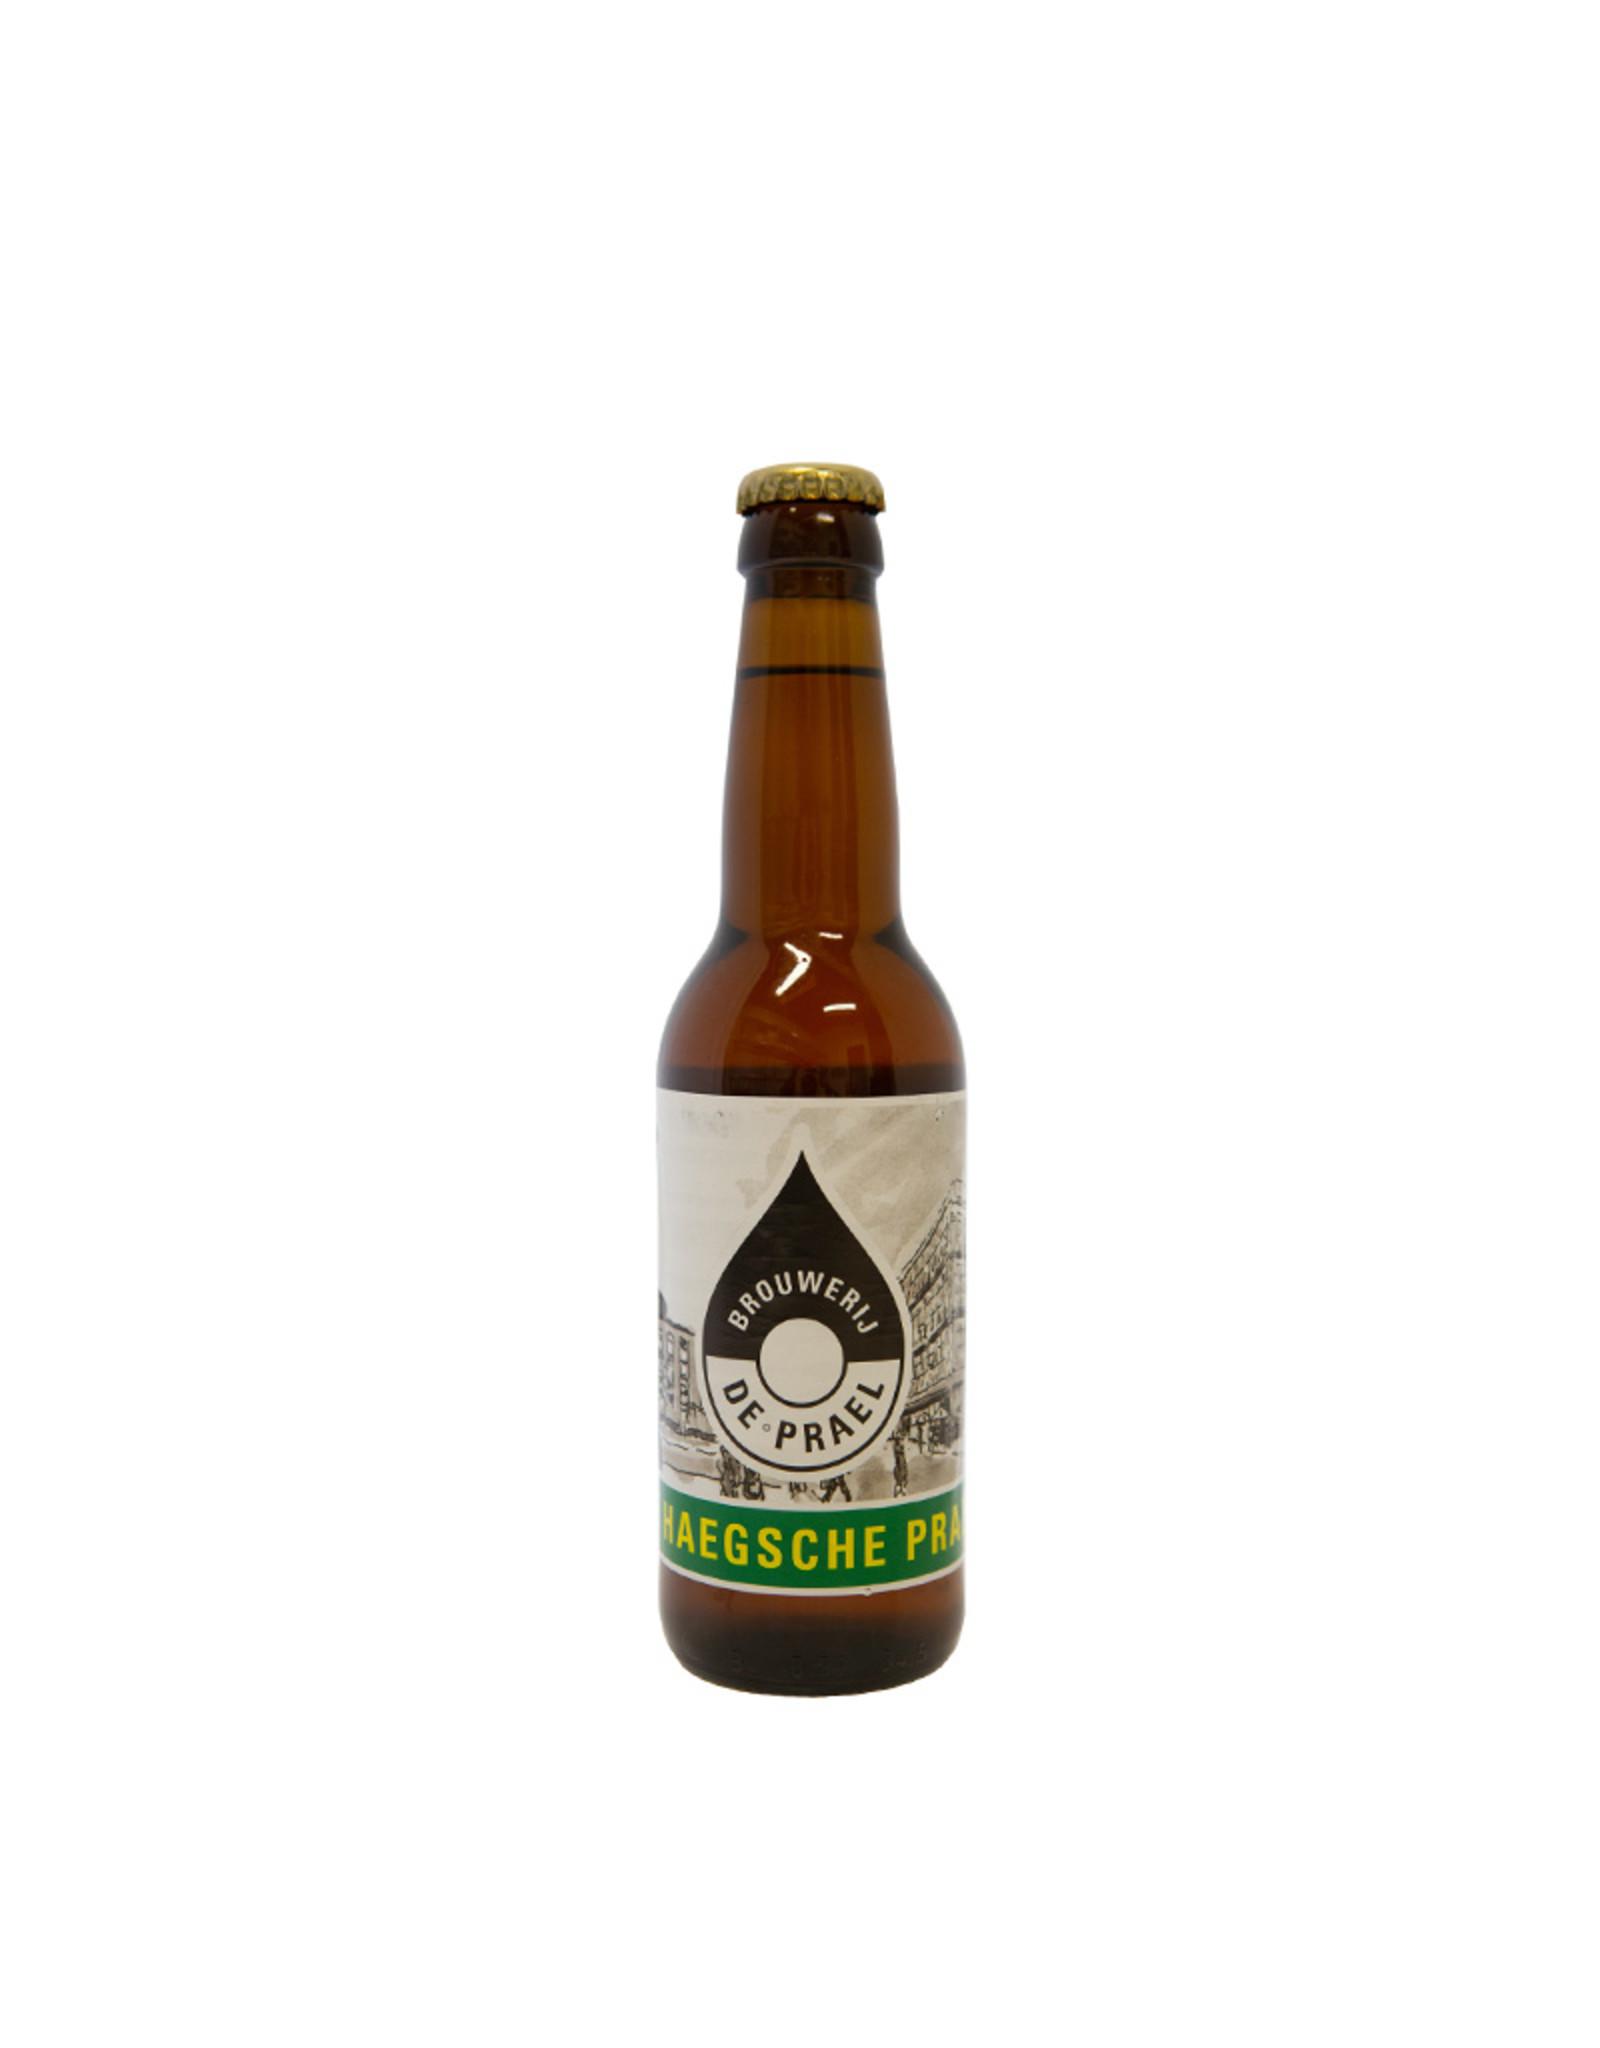 Brouwerij de Prael De Haegsche Prael